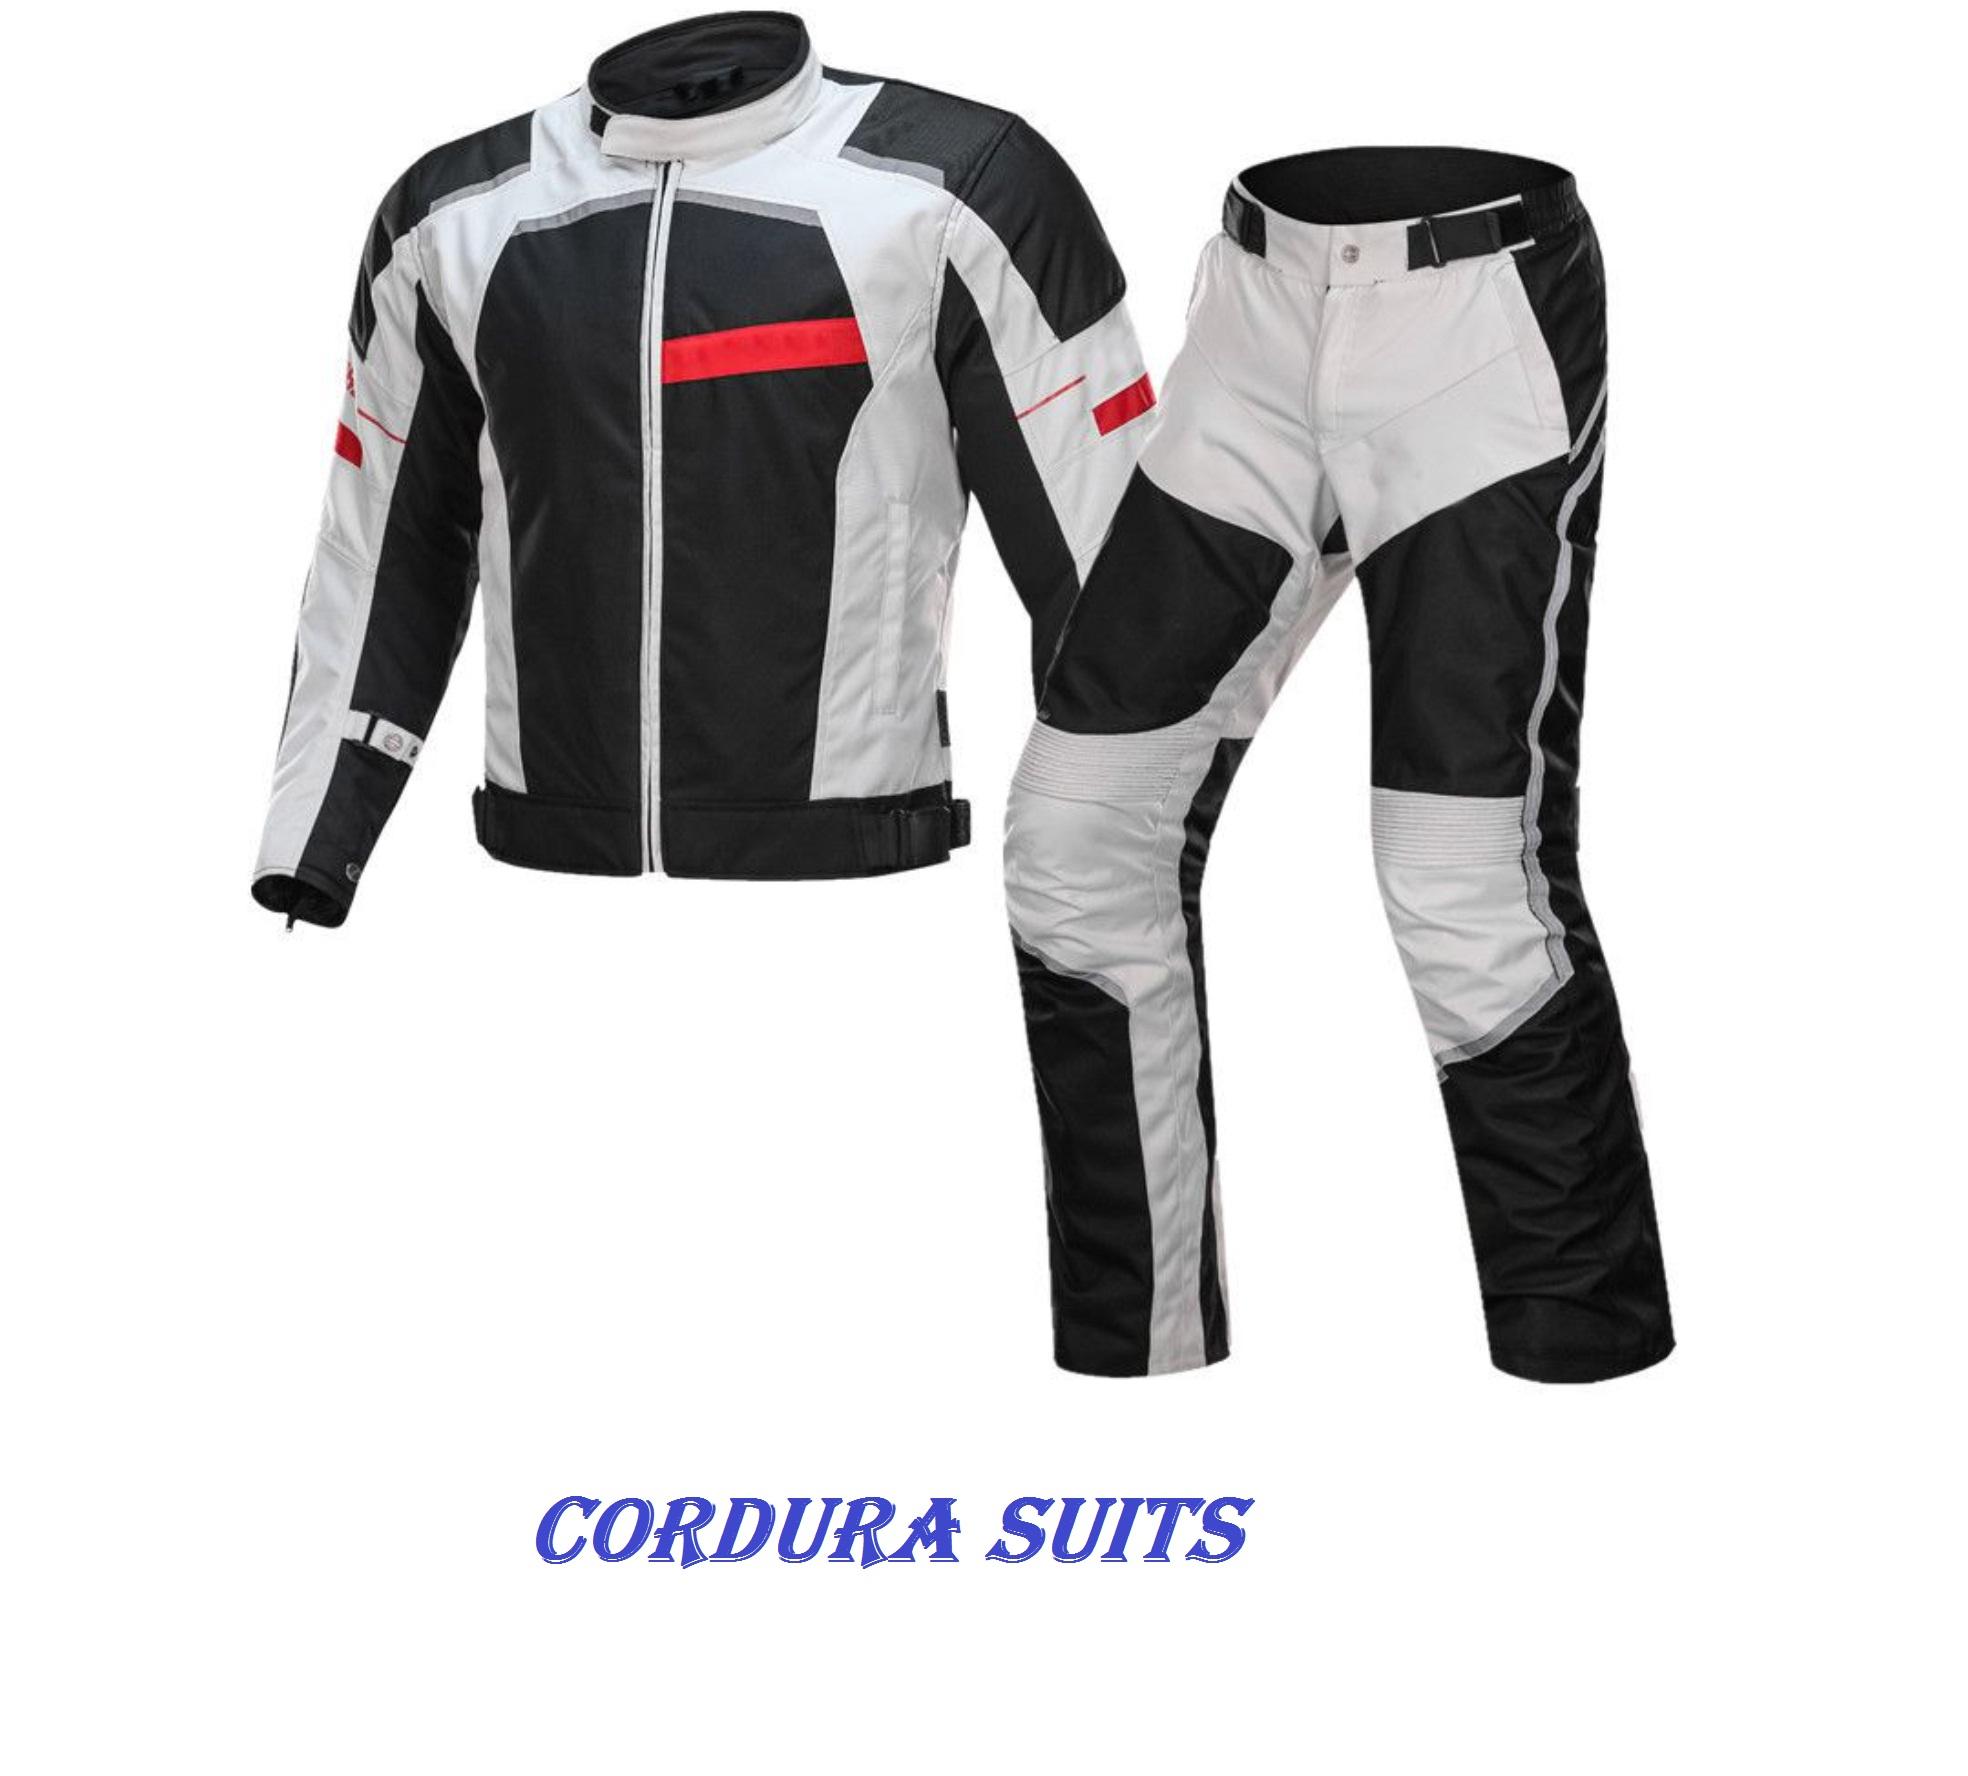 Cordura Motorcycle Suits